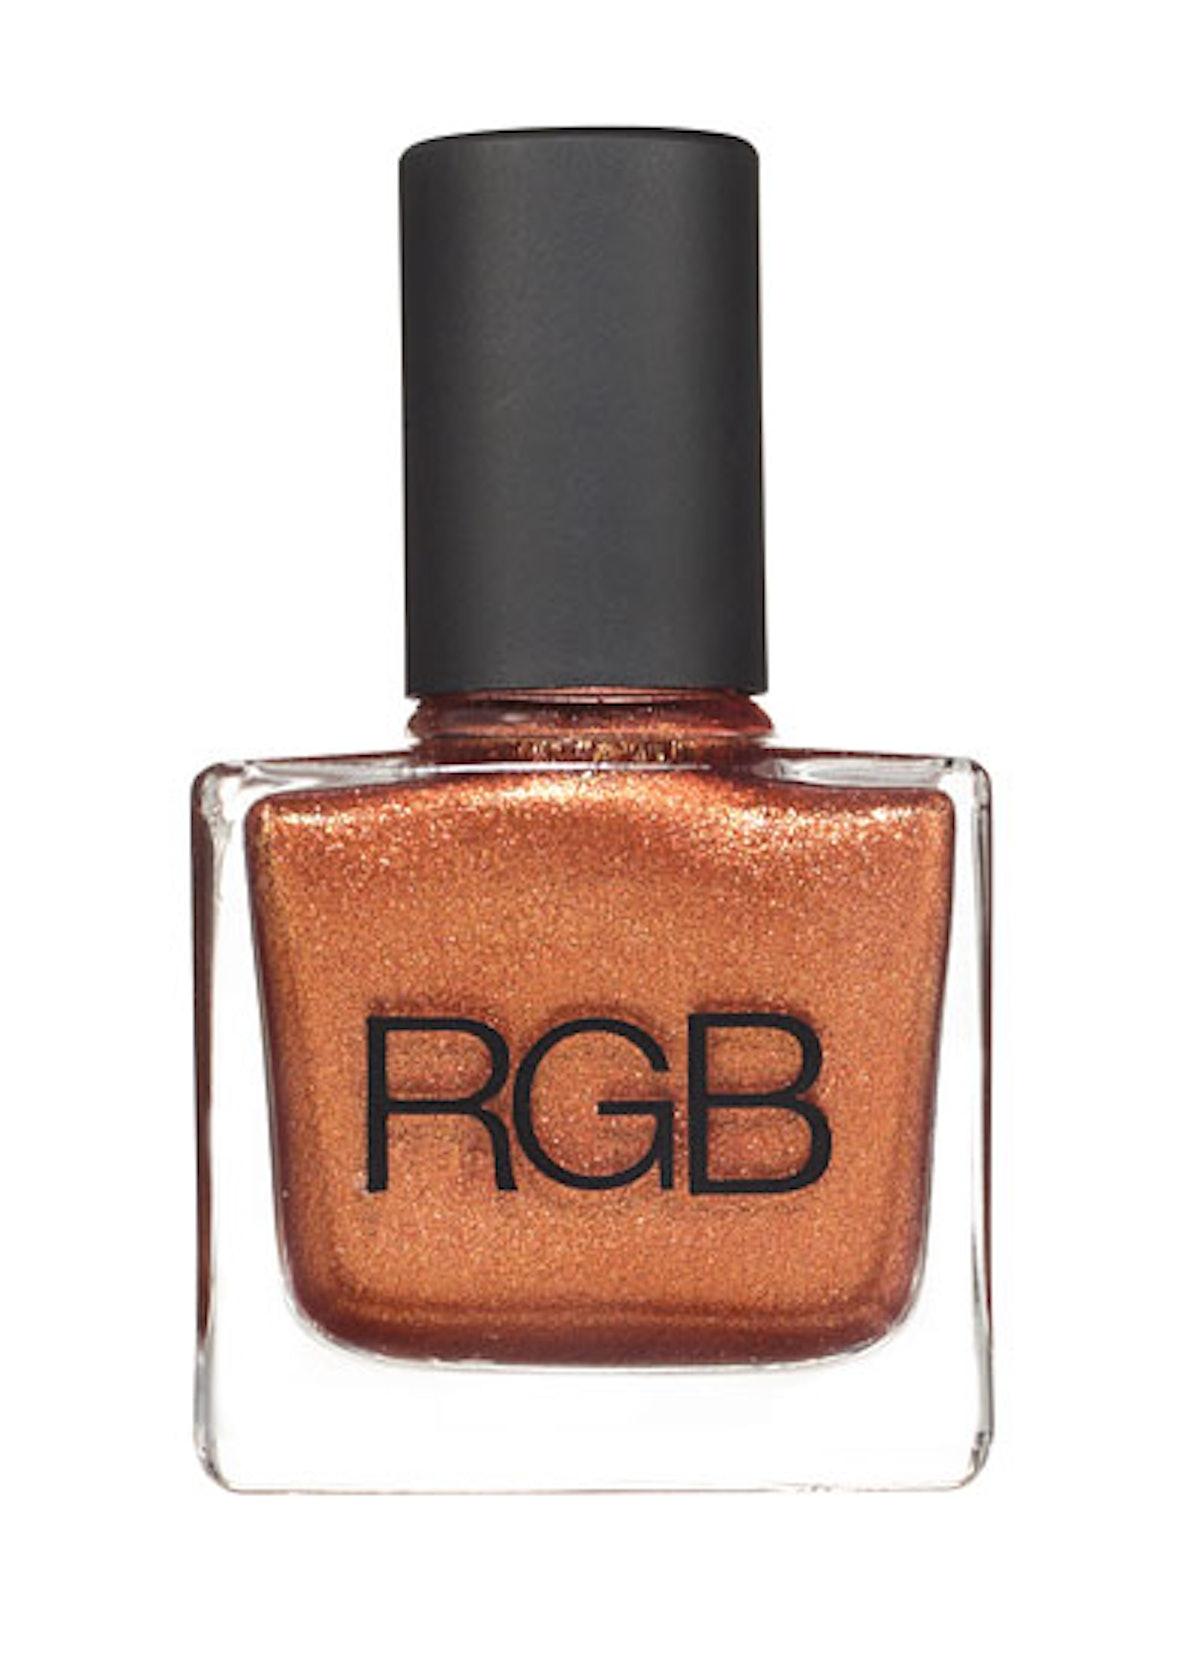 bess-shimmery-nail-polishes-02-v.jpg